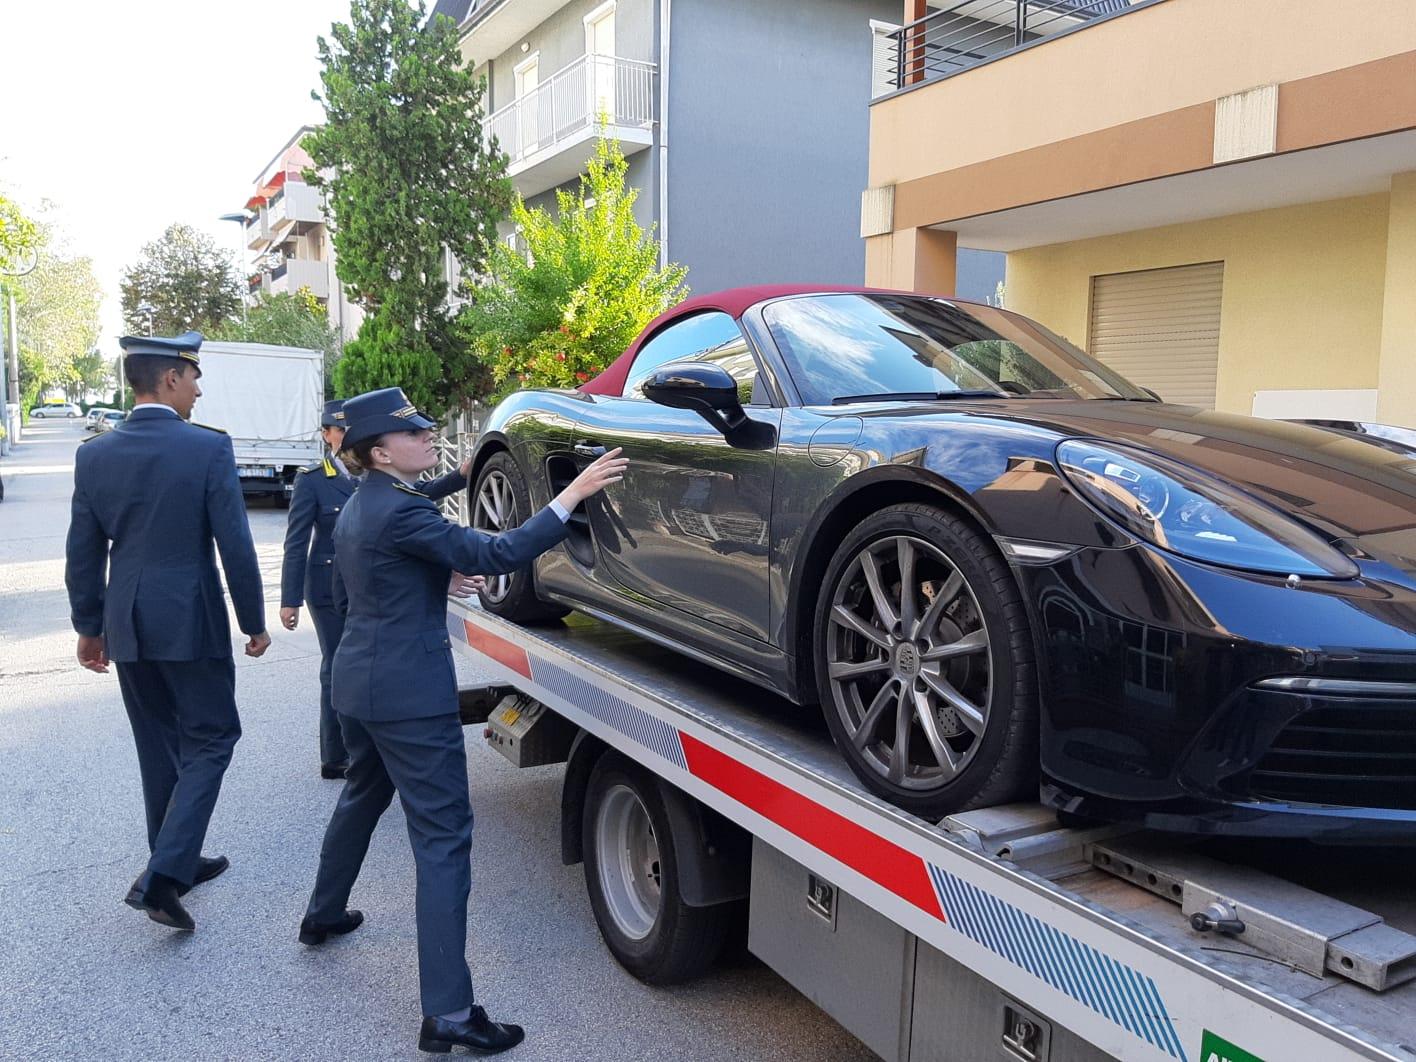 Frode fiscale, operazione della Finanza a Rimini. Arresti e sequestri